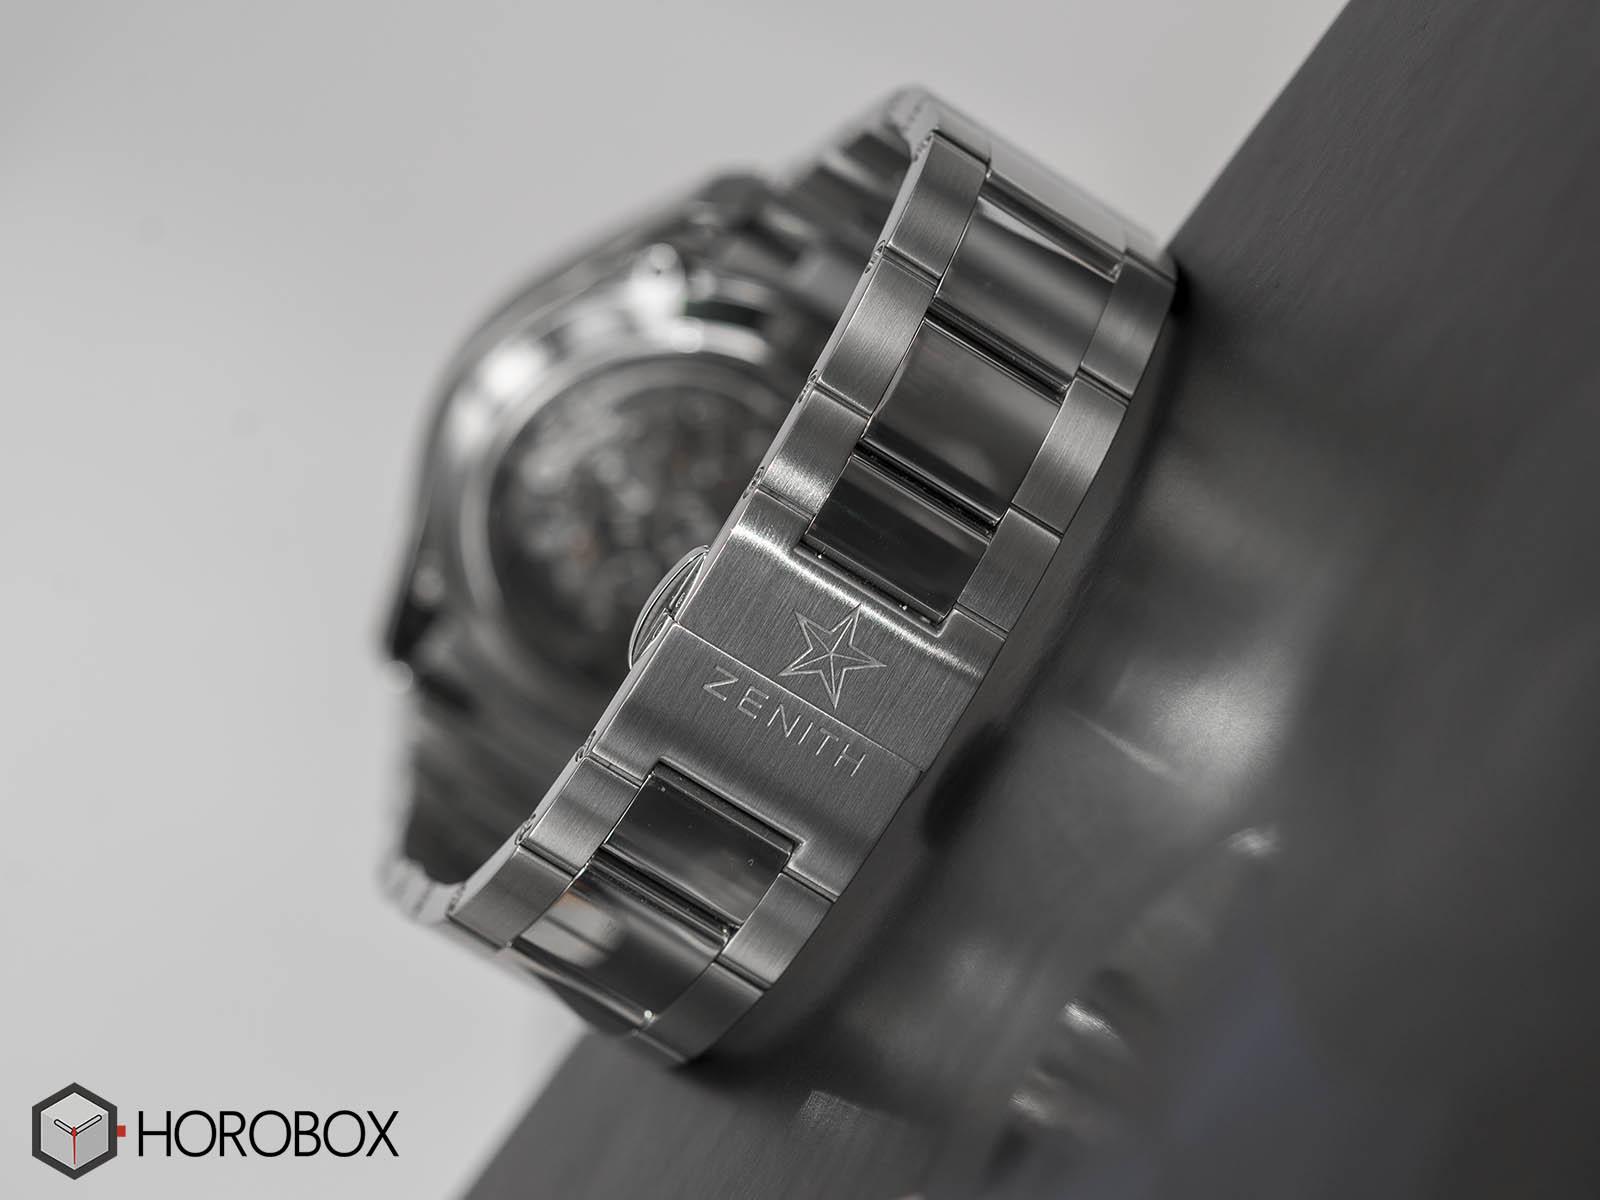 Zenith-Chronomaster-El-Primero-Full-Open-12.jpg